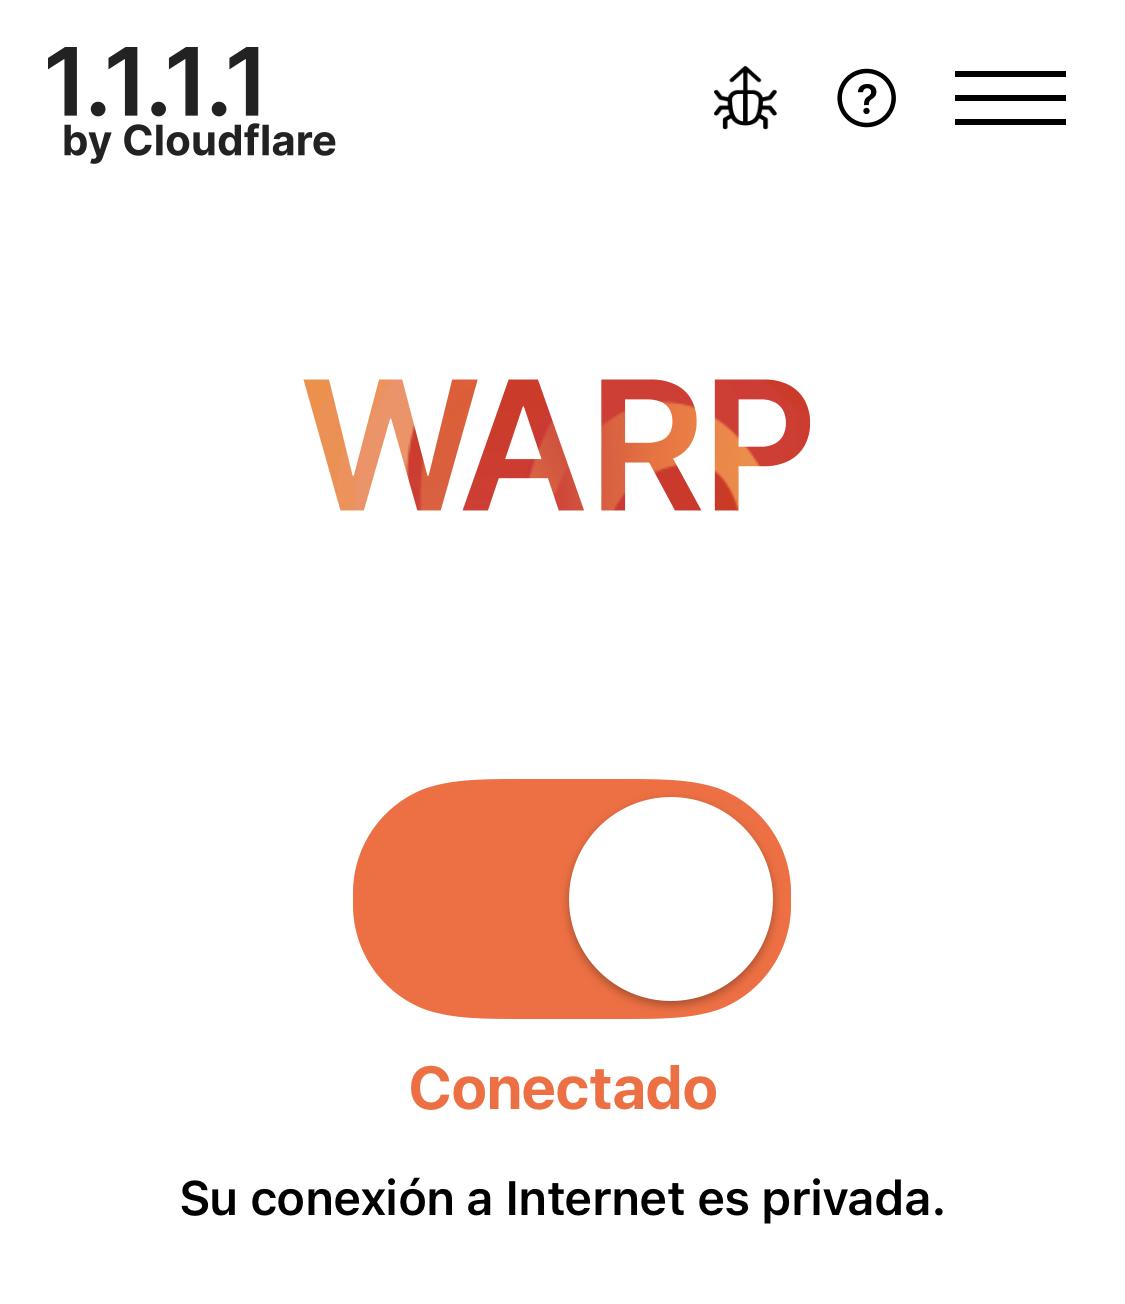 App de WARP (1.1.1.1) para cifrar datos